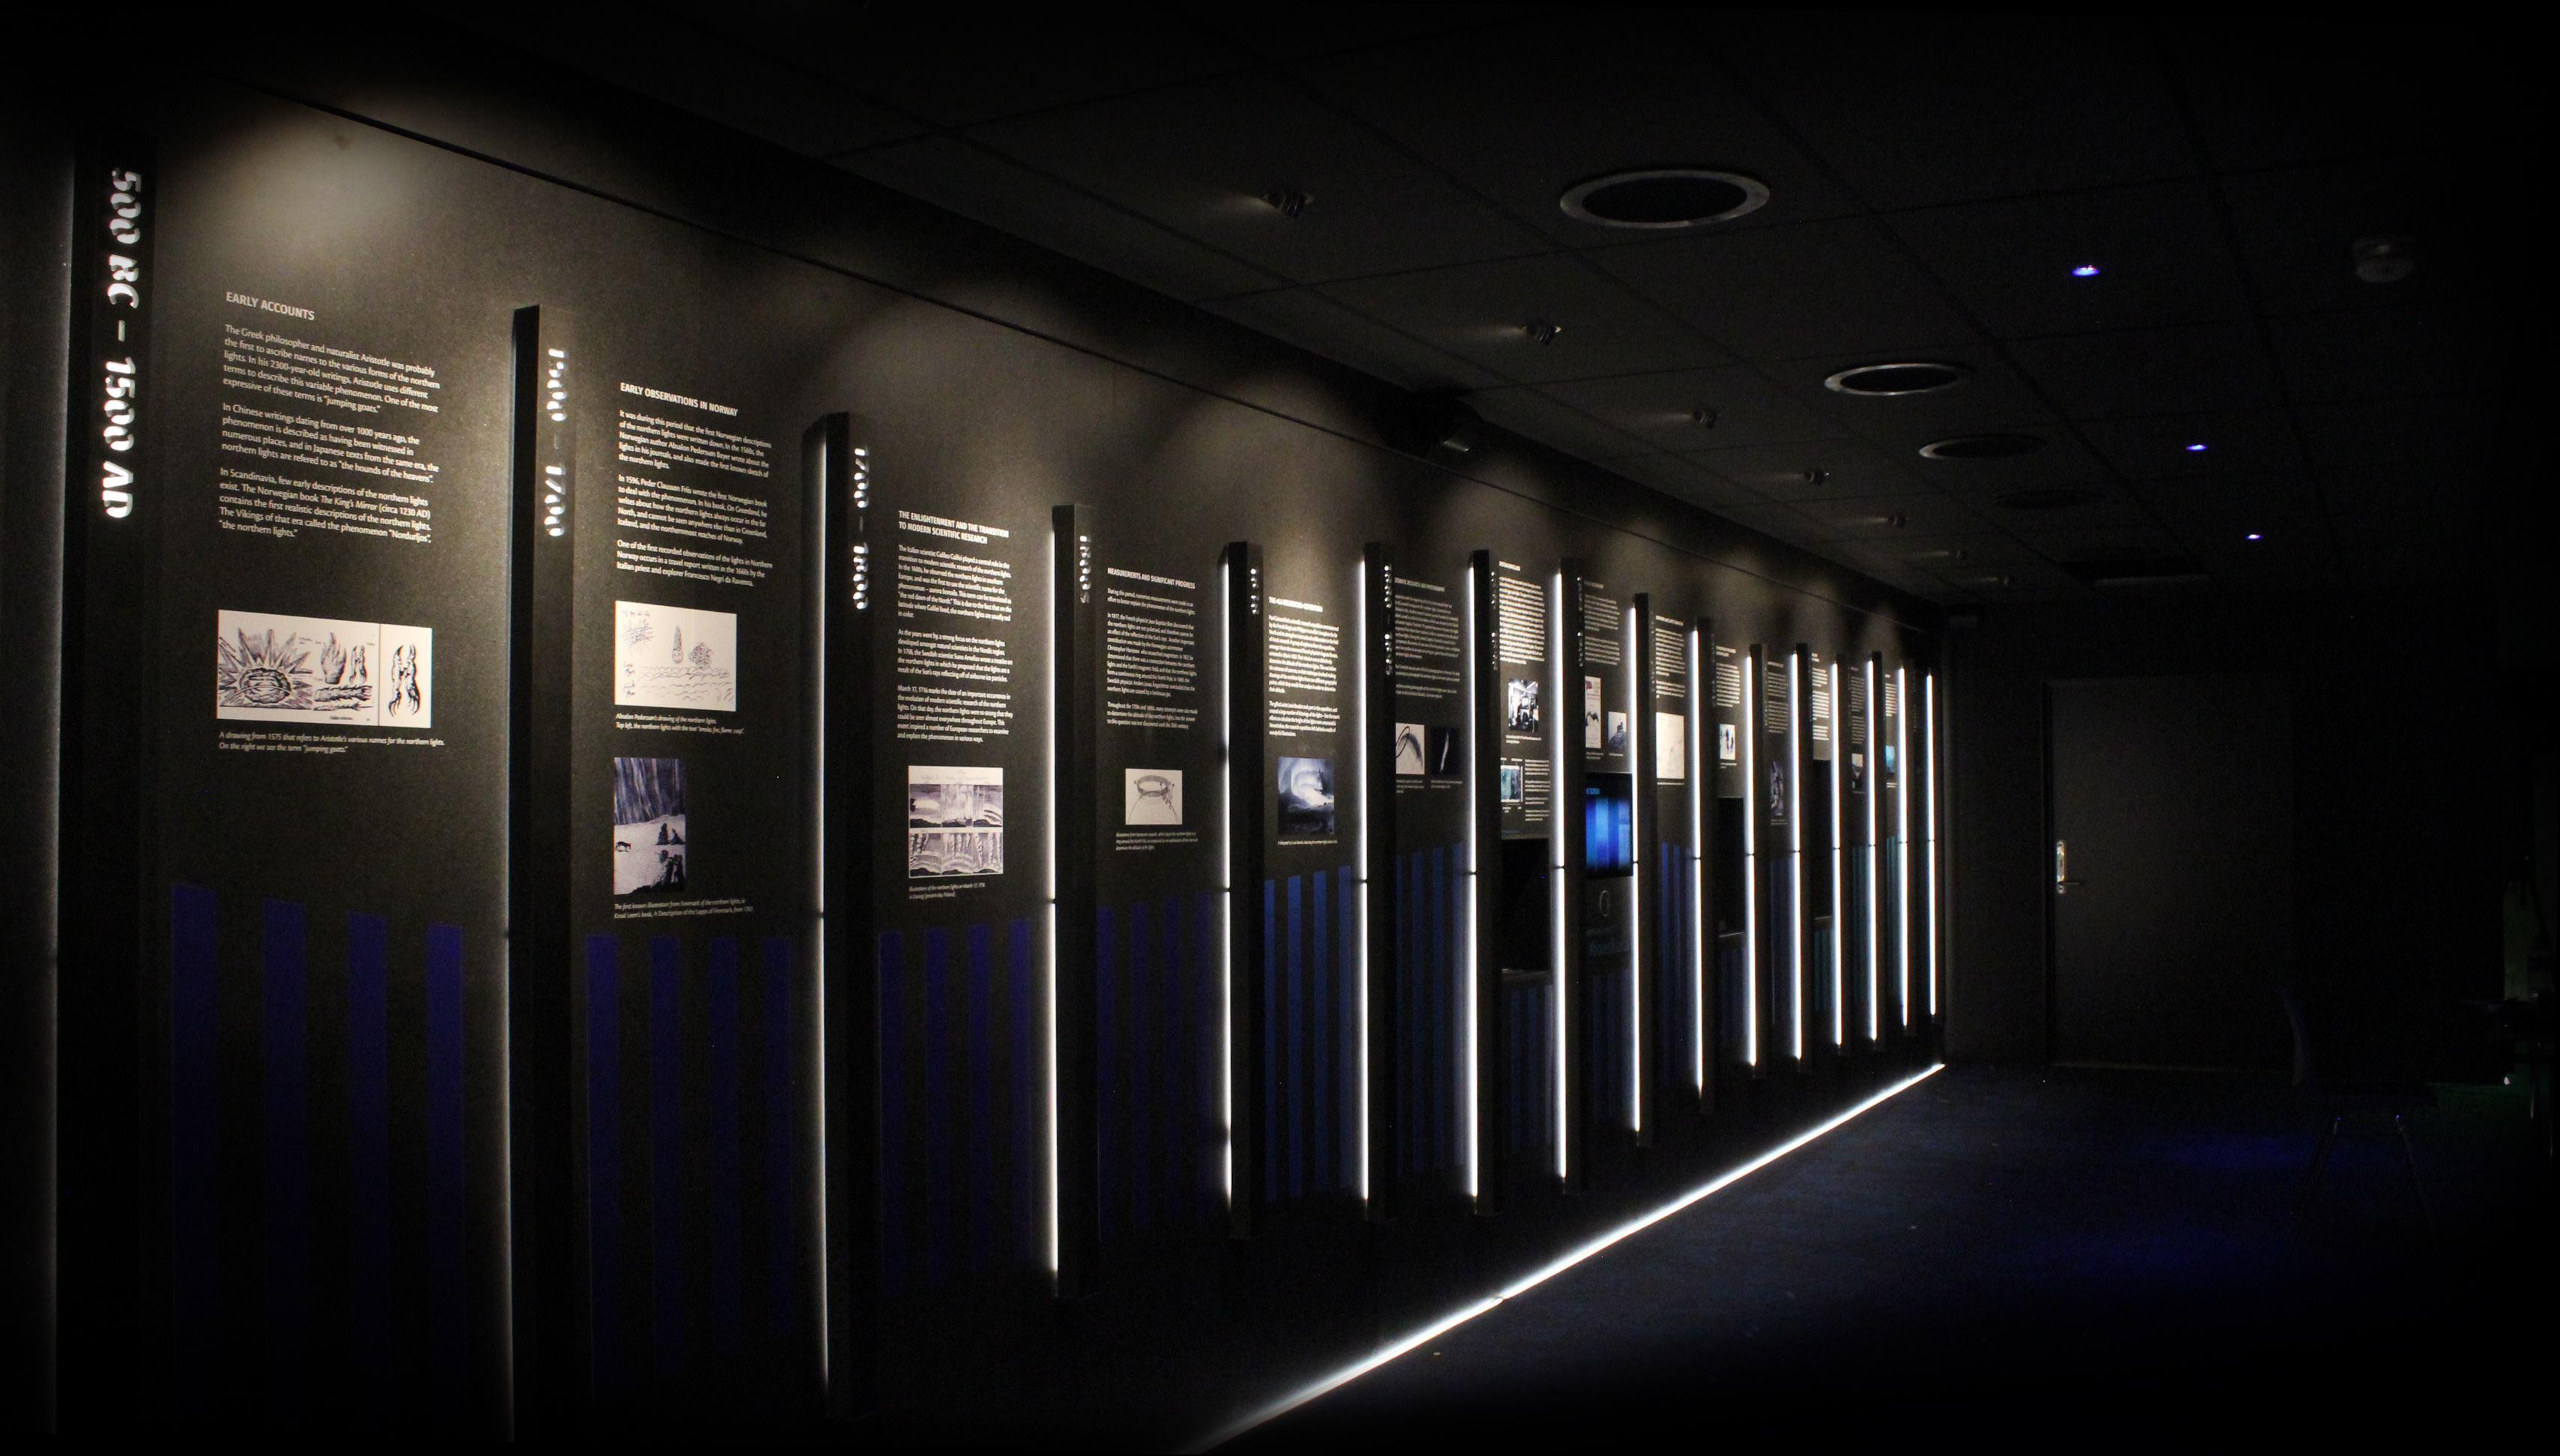 BorealisAlta - an interactive experience